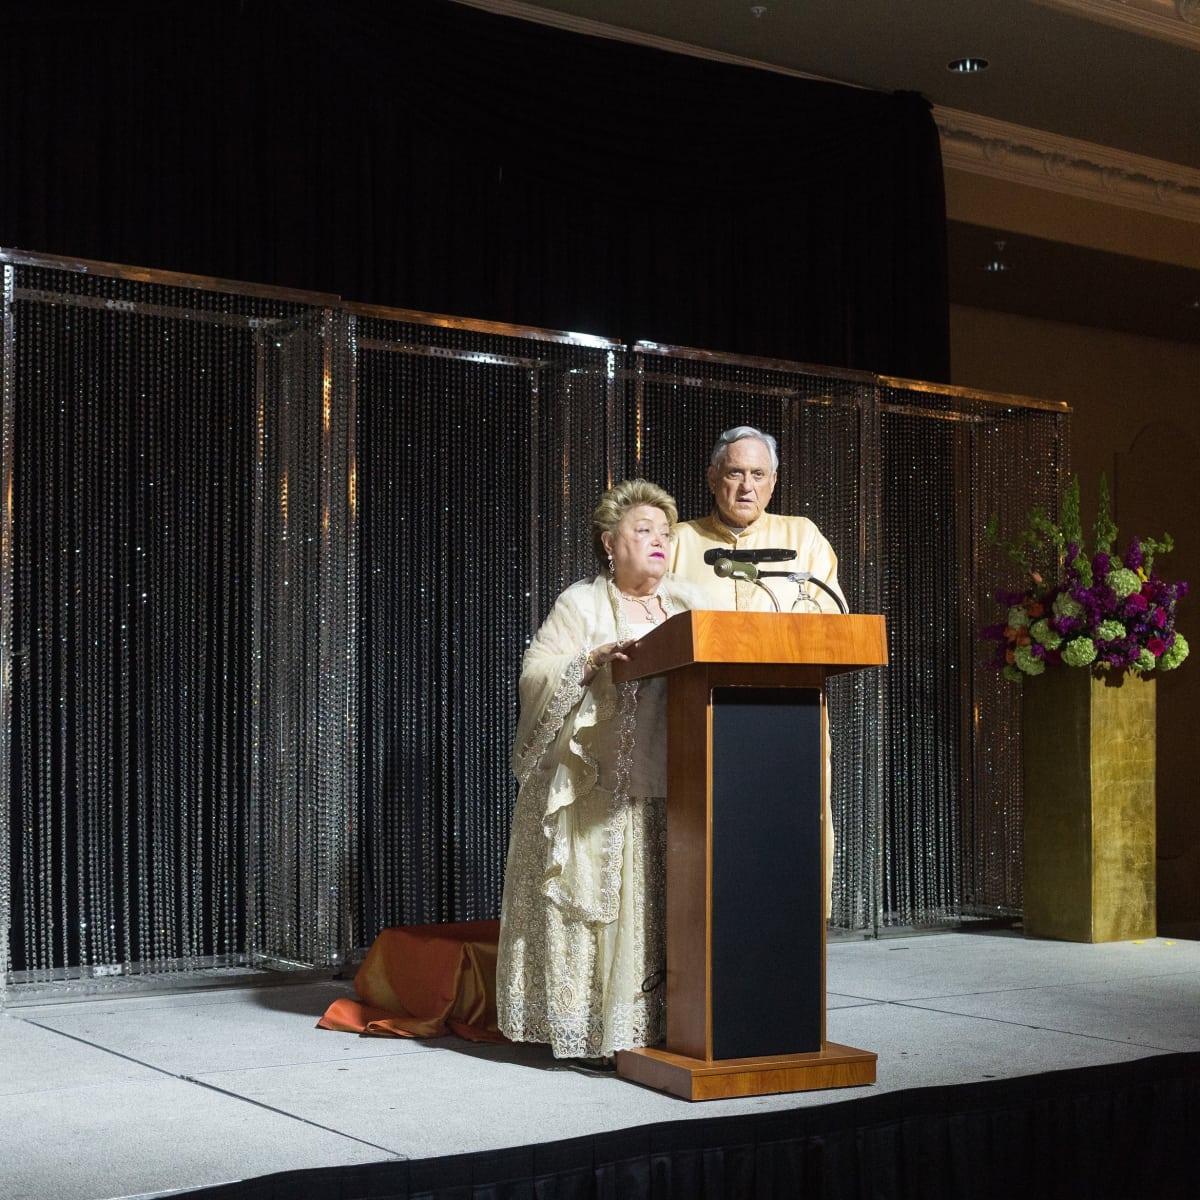 Child Advocates gala 5/16, Joyce Schechter, Arthur Schechter